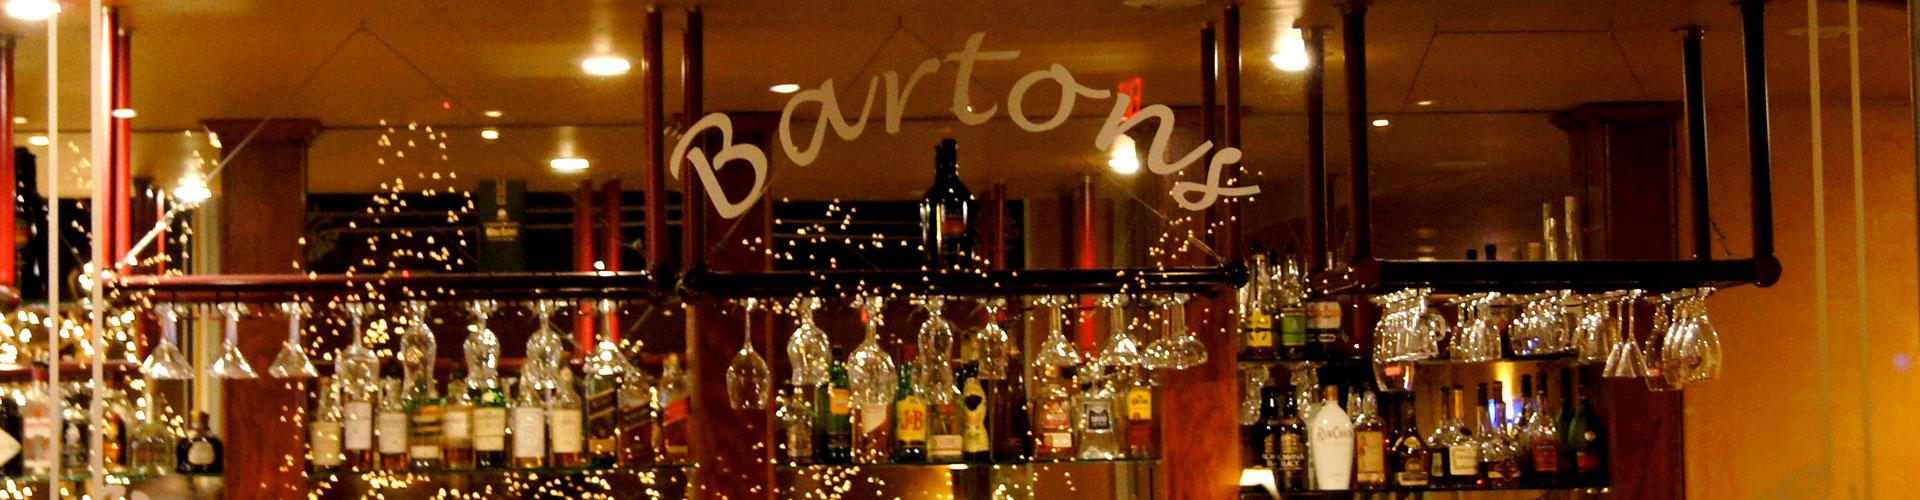 Bartons Header